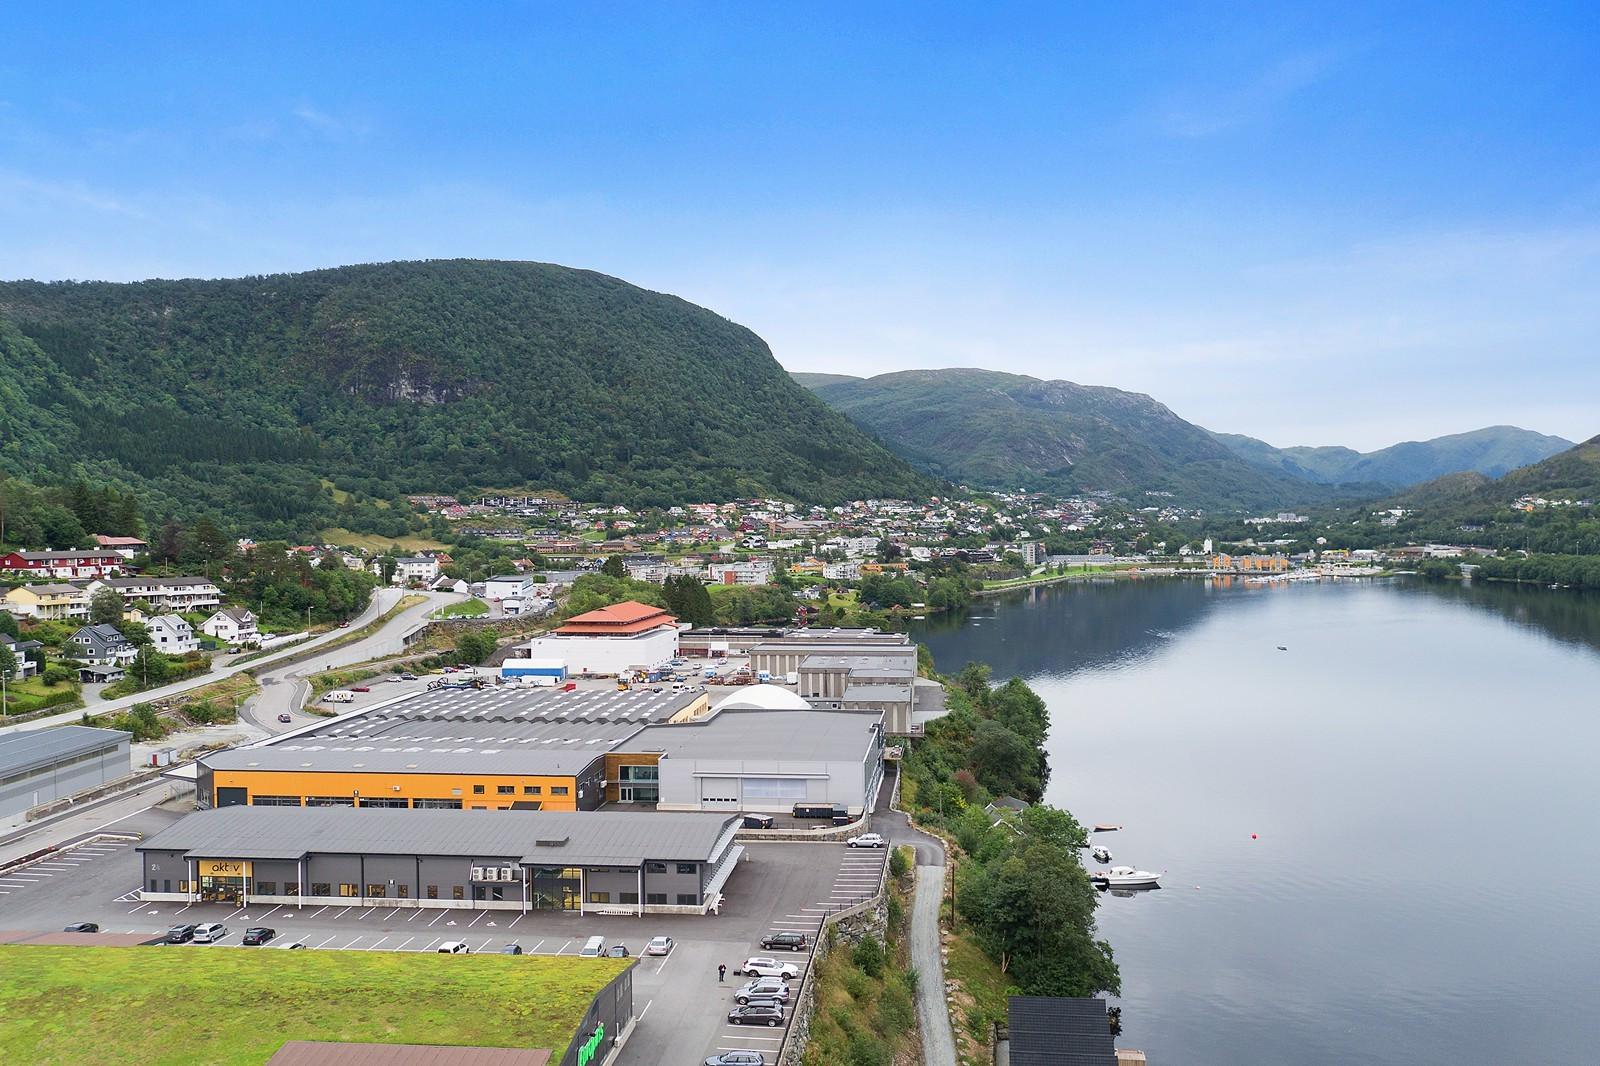 Fantastisk beliggende ved Arnavågen.